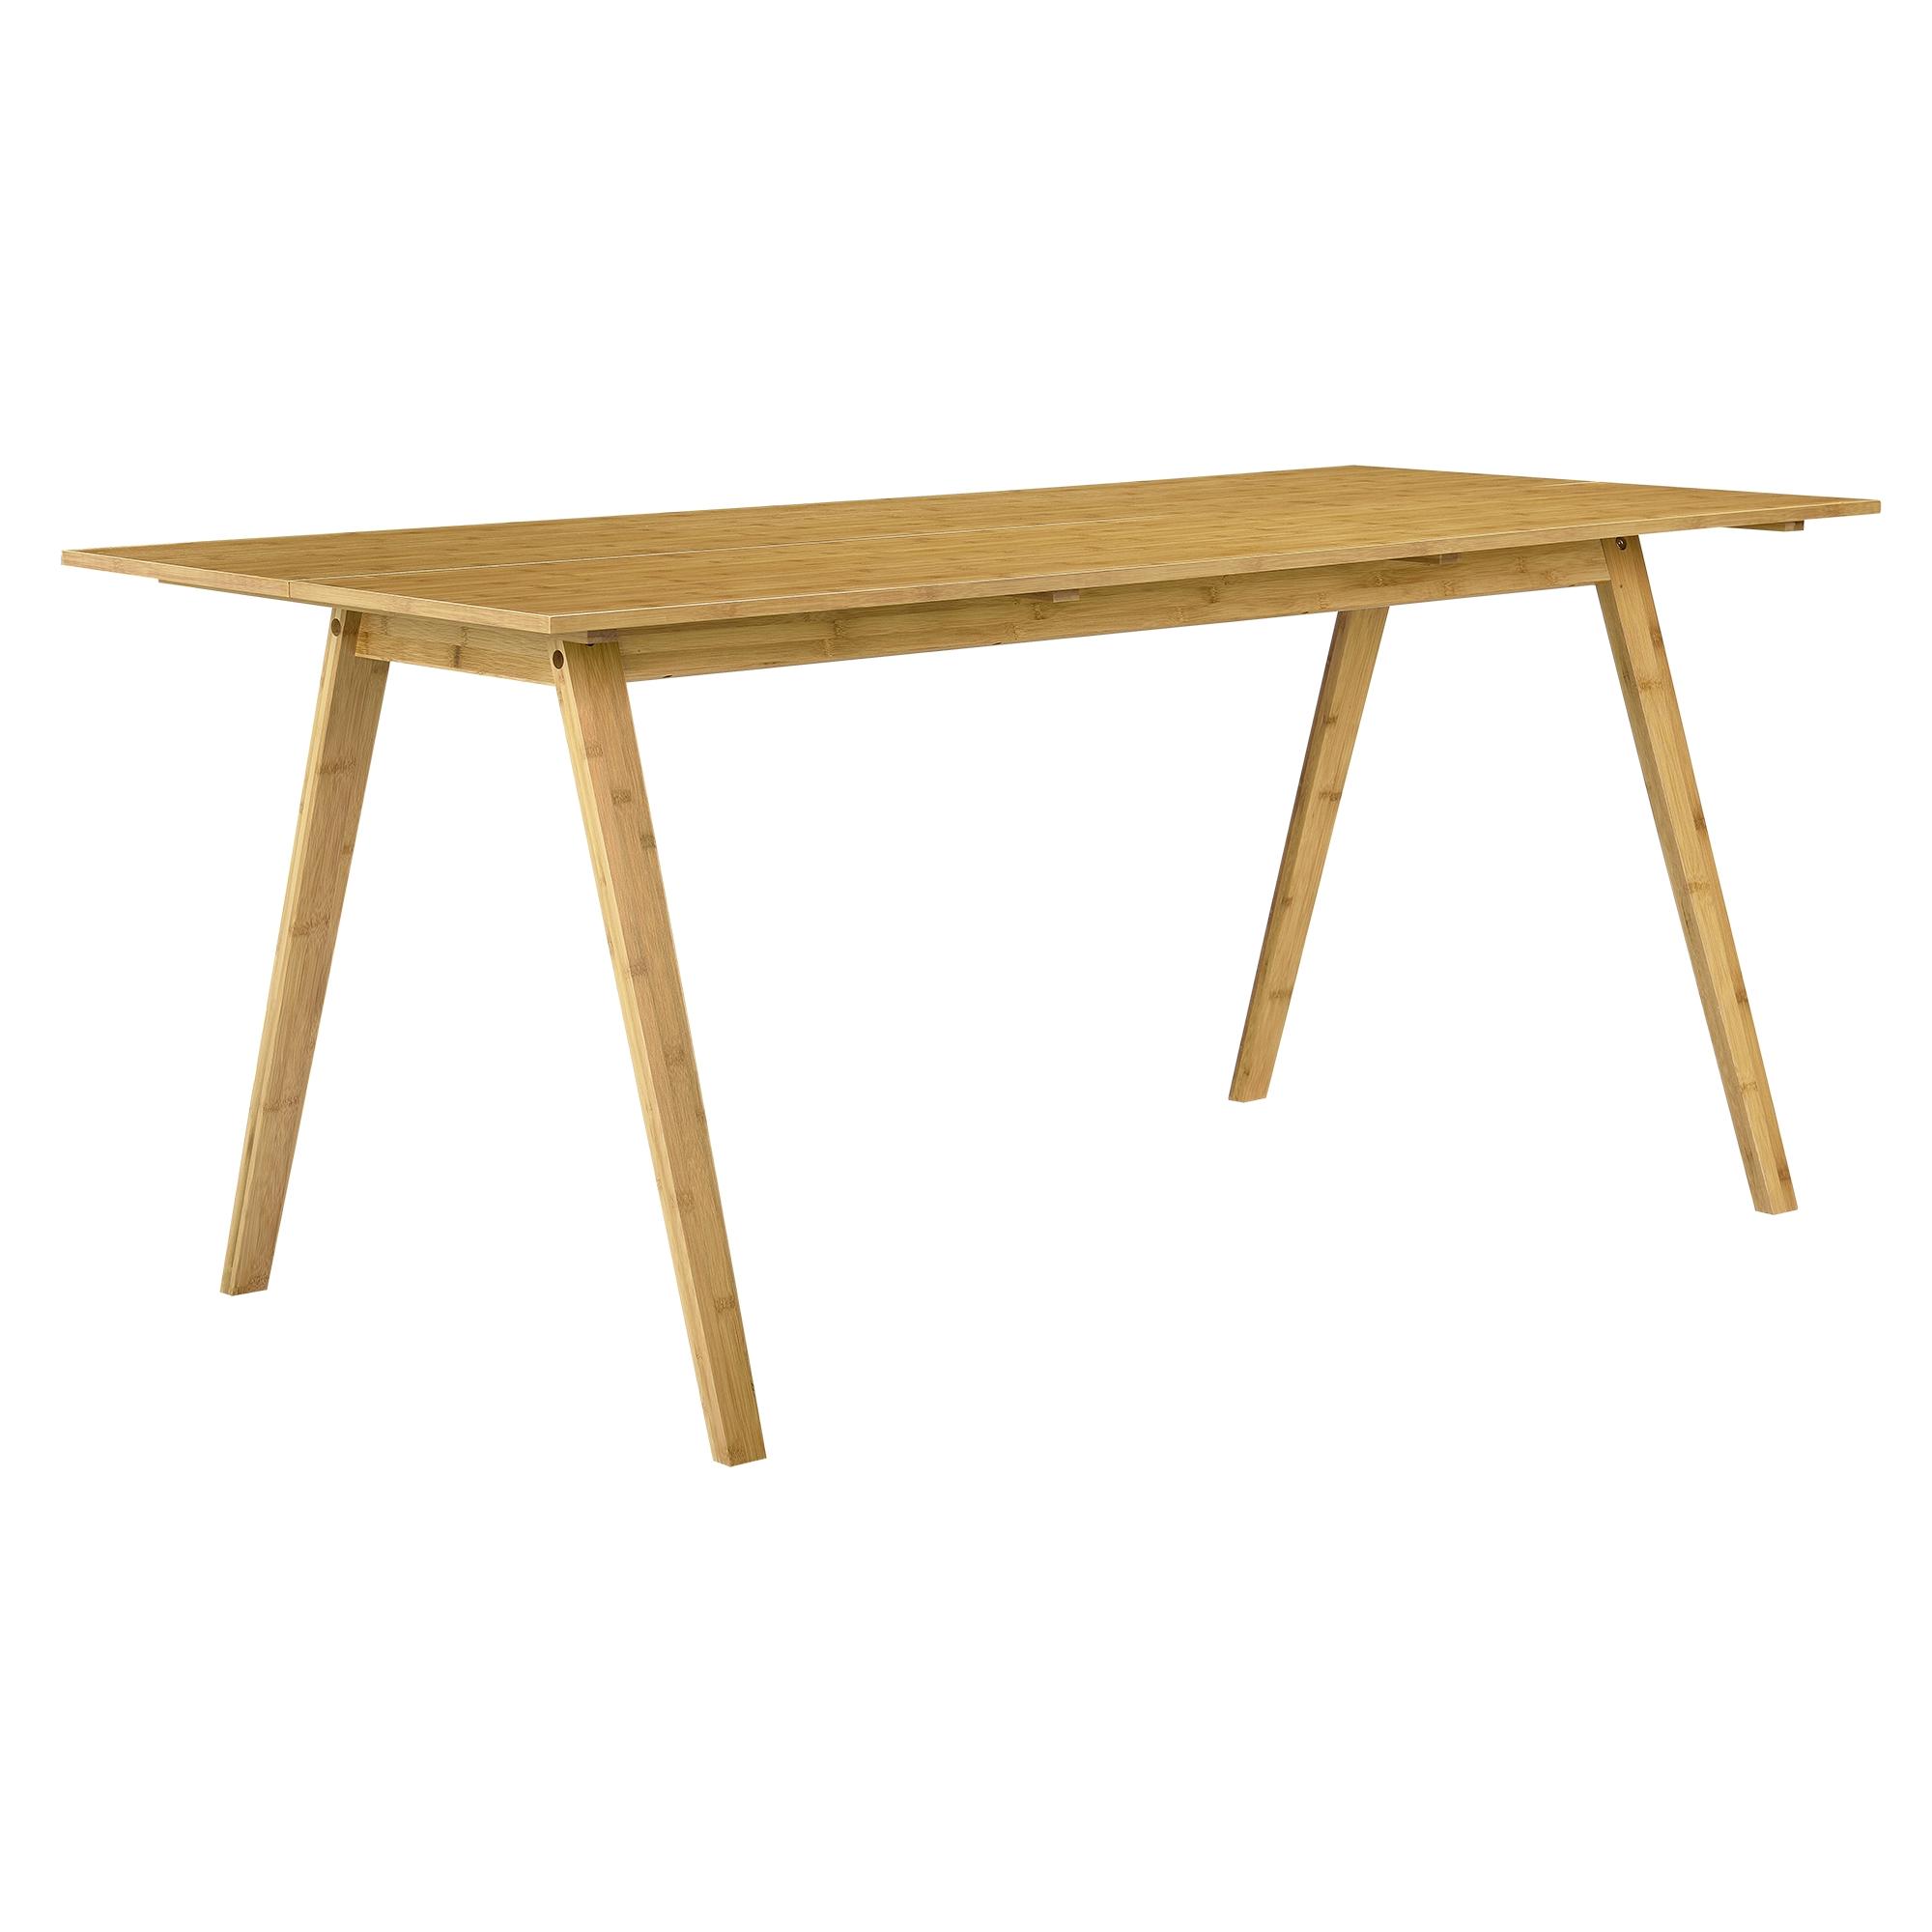 en.casa] esstisch mit 6 stühlen bambus/grau 180x80 küchentisch, Esstisch ideennn